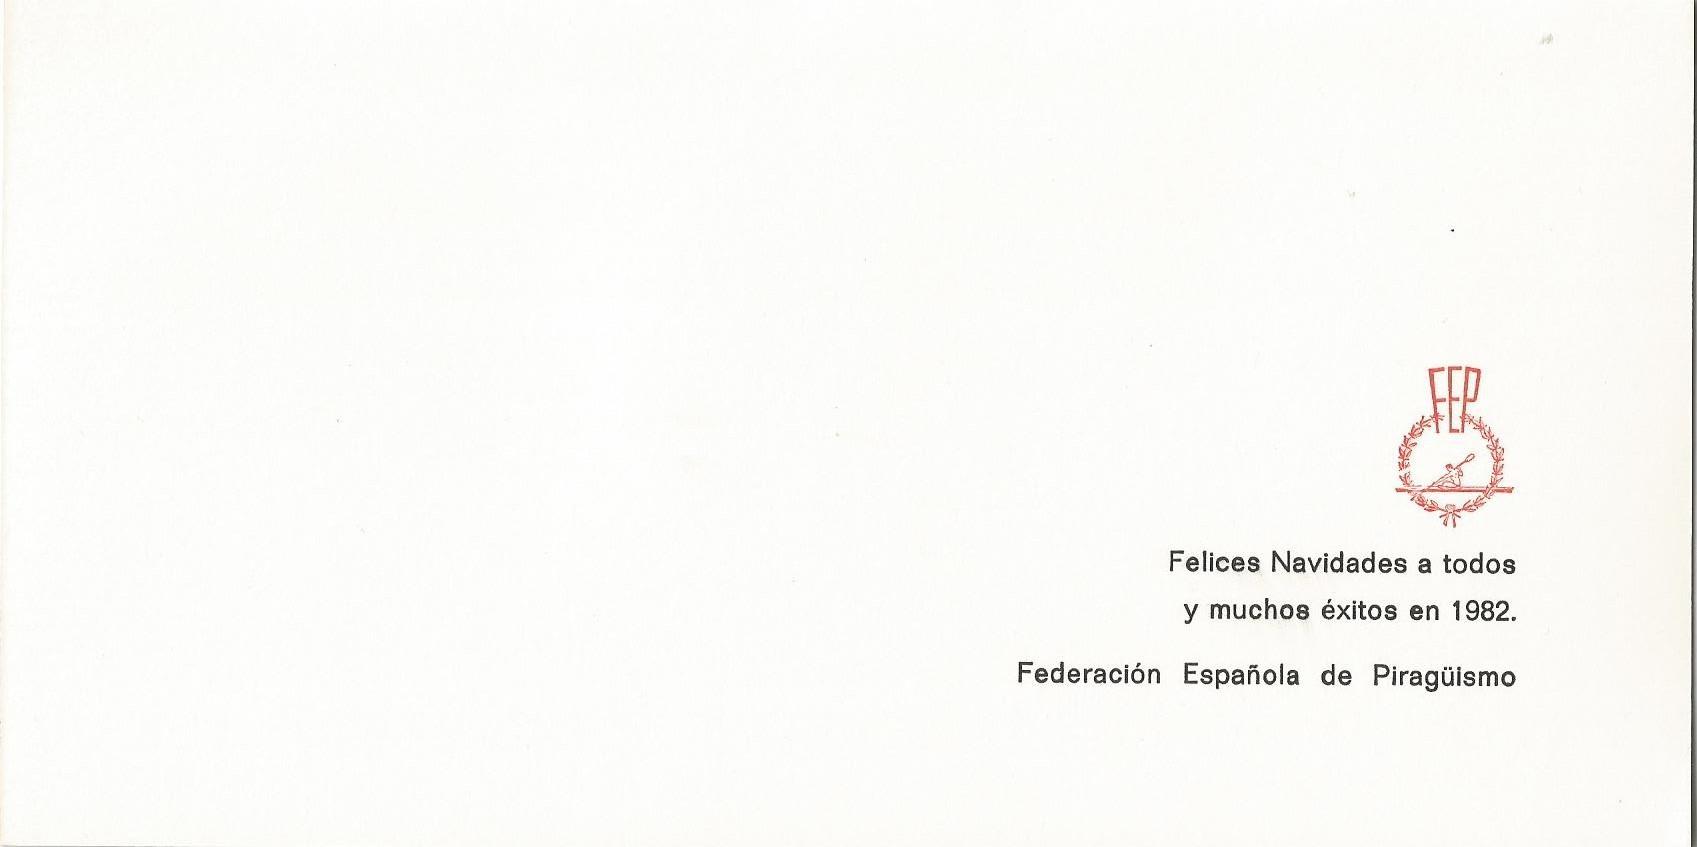 CHRISTMAS RFEP 1981 REVERSO